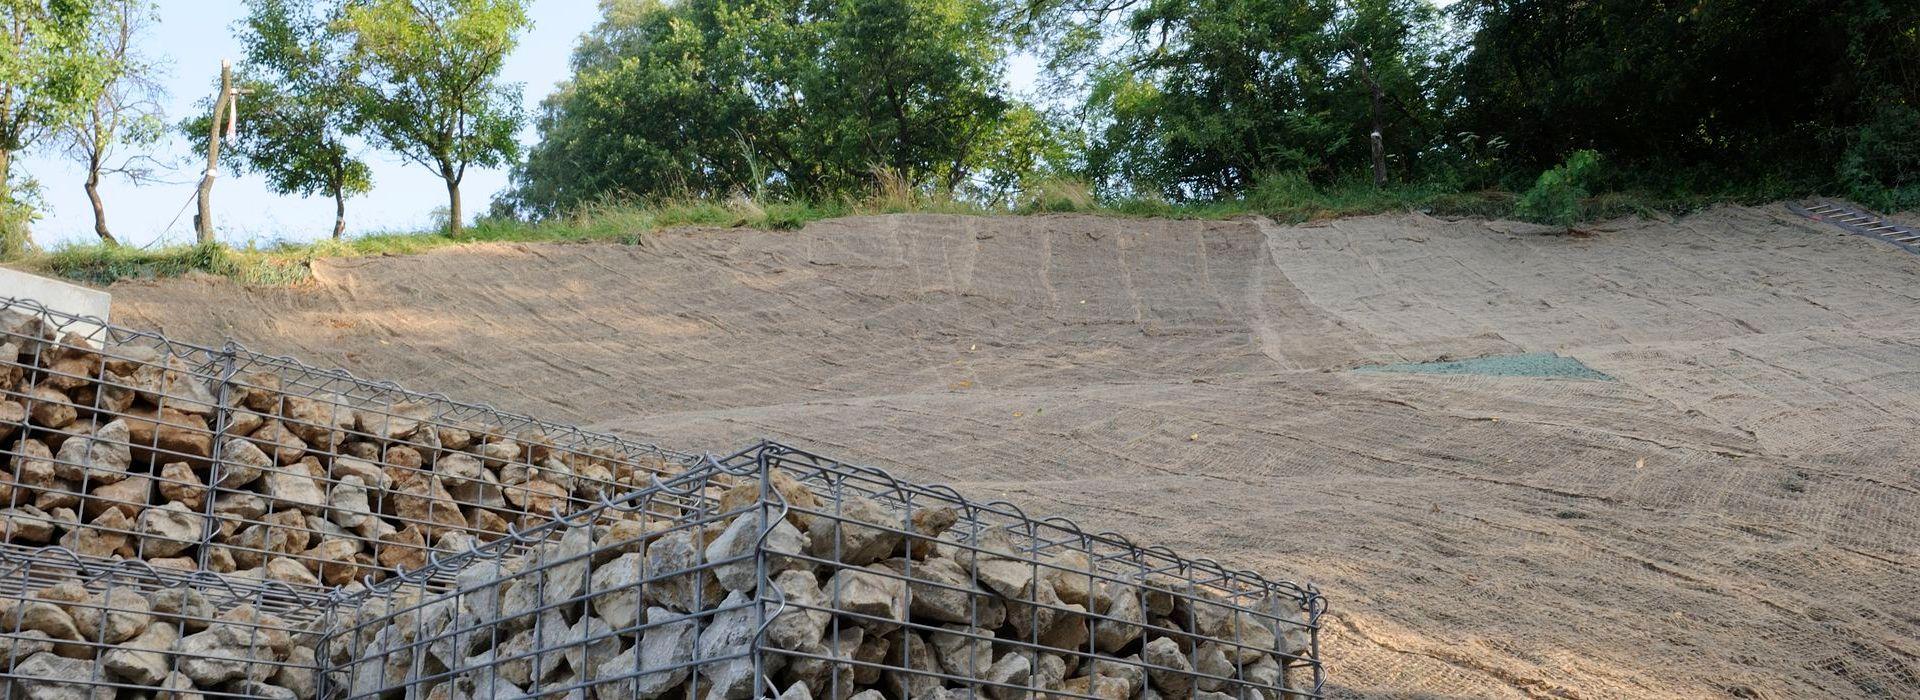 Natürlicher Erosionsschutz der nahezu rückstandsfei abbaubar ist. Sie erhalten bei uns kompakte Abme